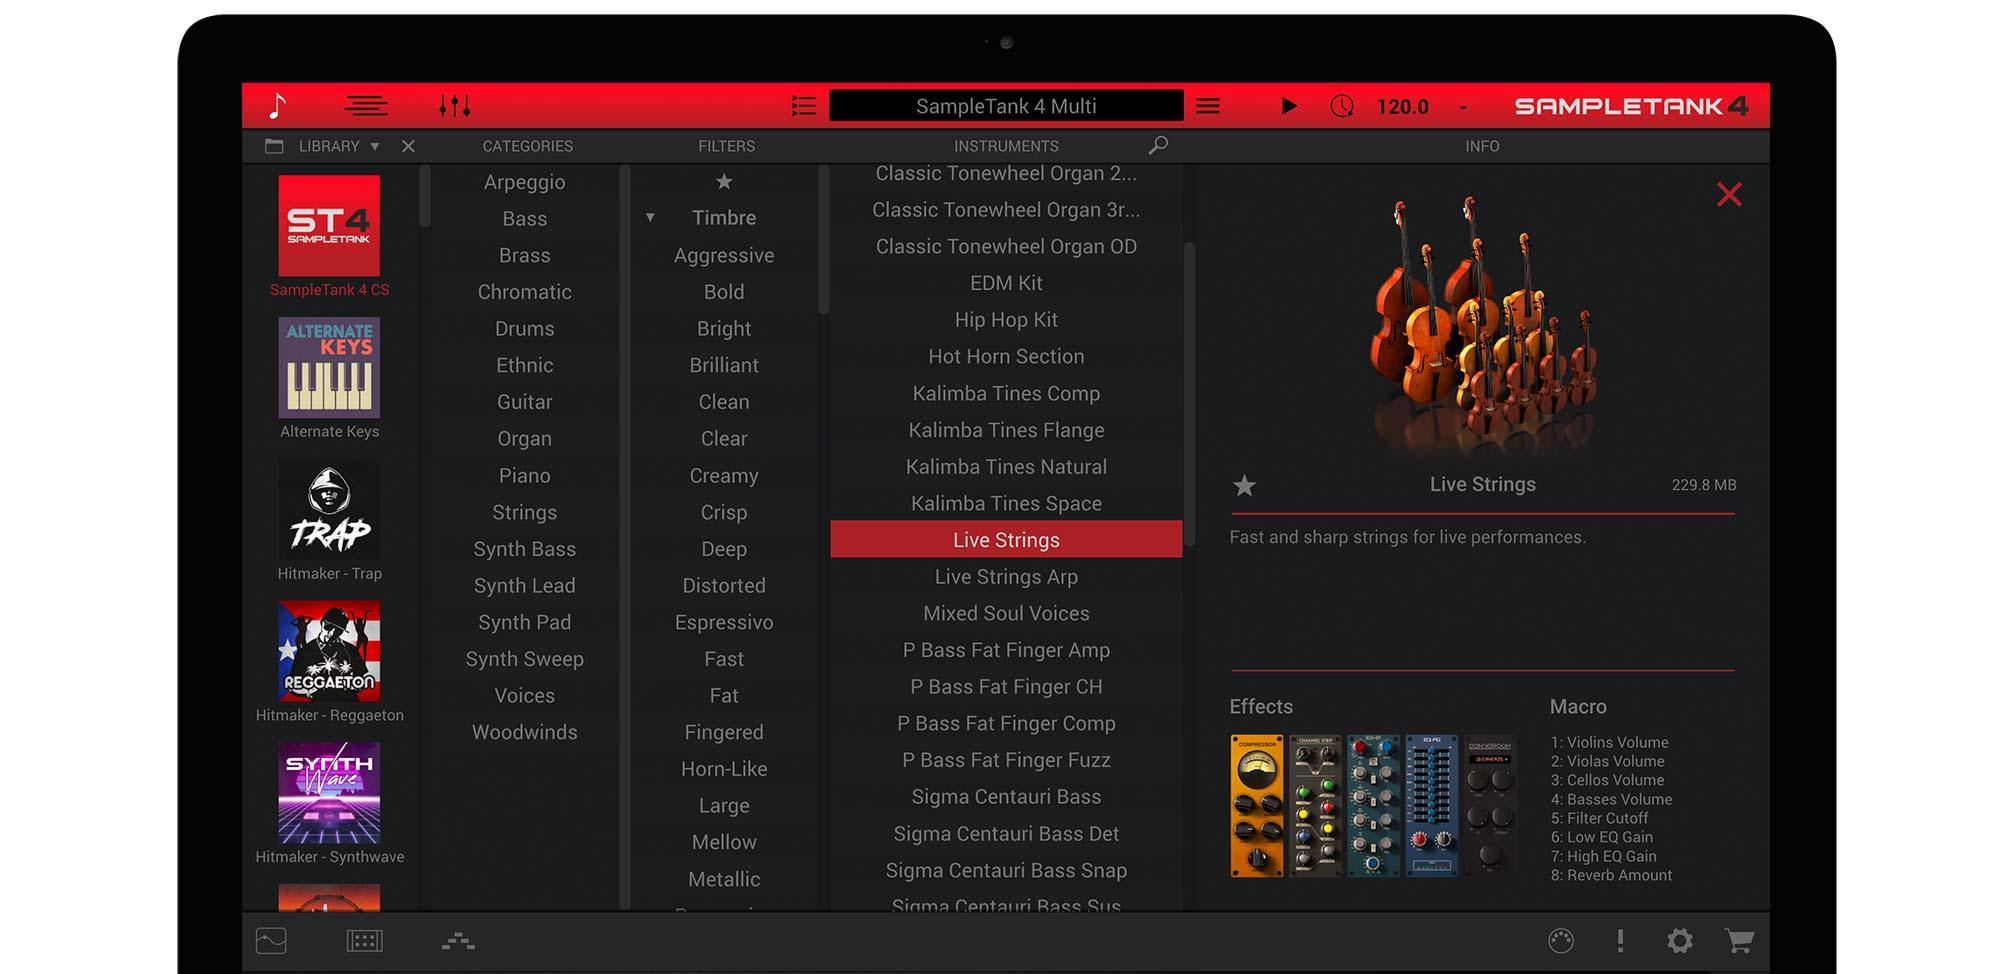 Ik Multimedia SampleTank 4 CS virtual instrument sample pack strumenti musicali